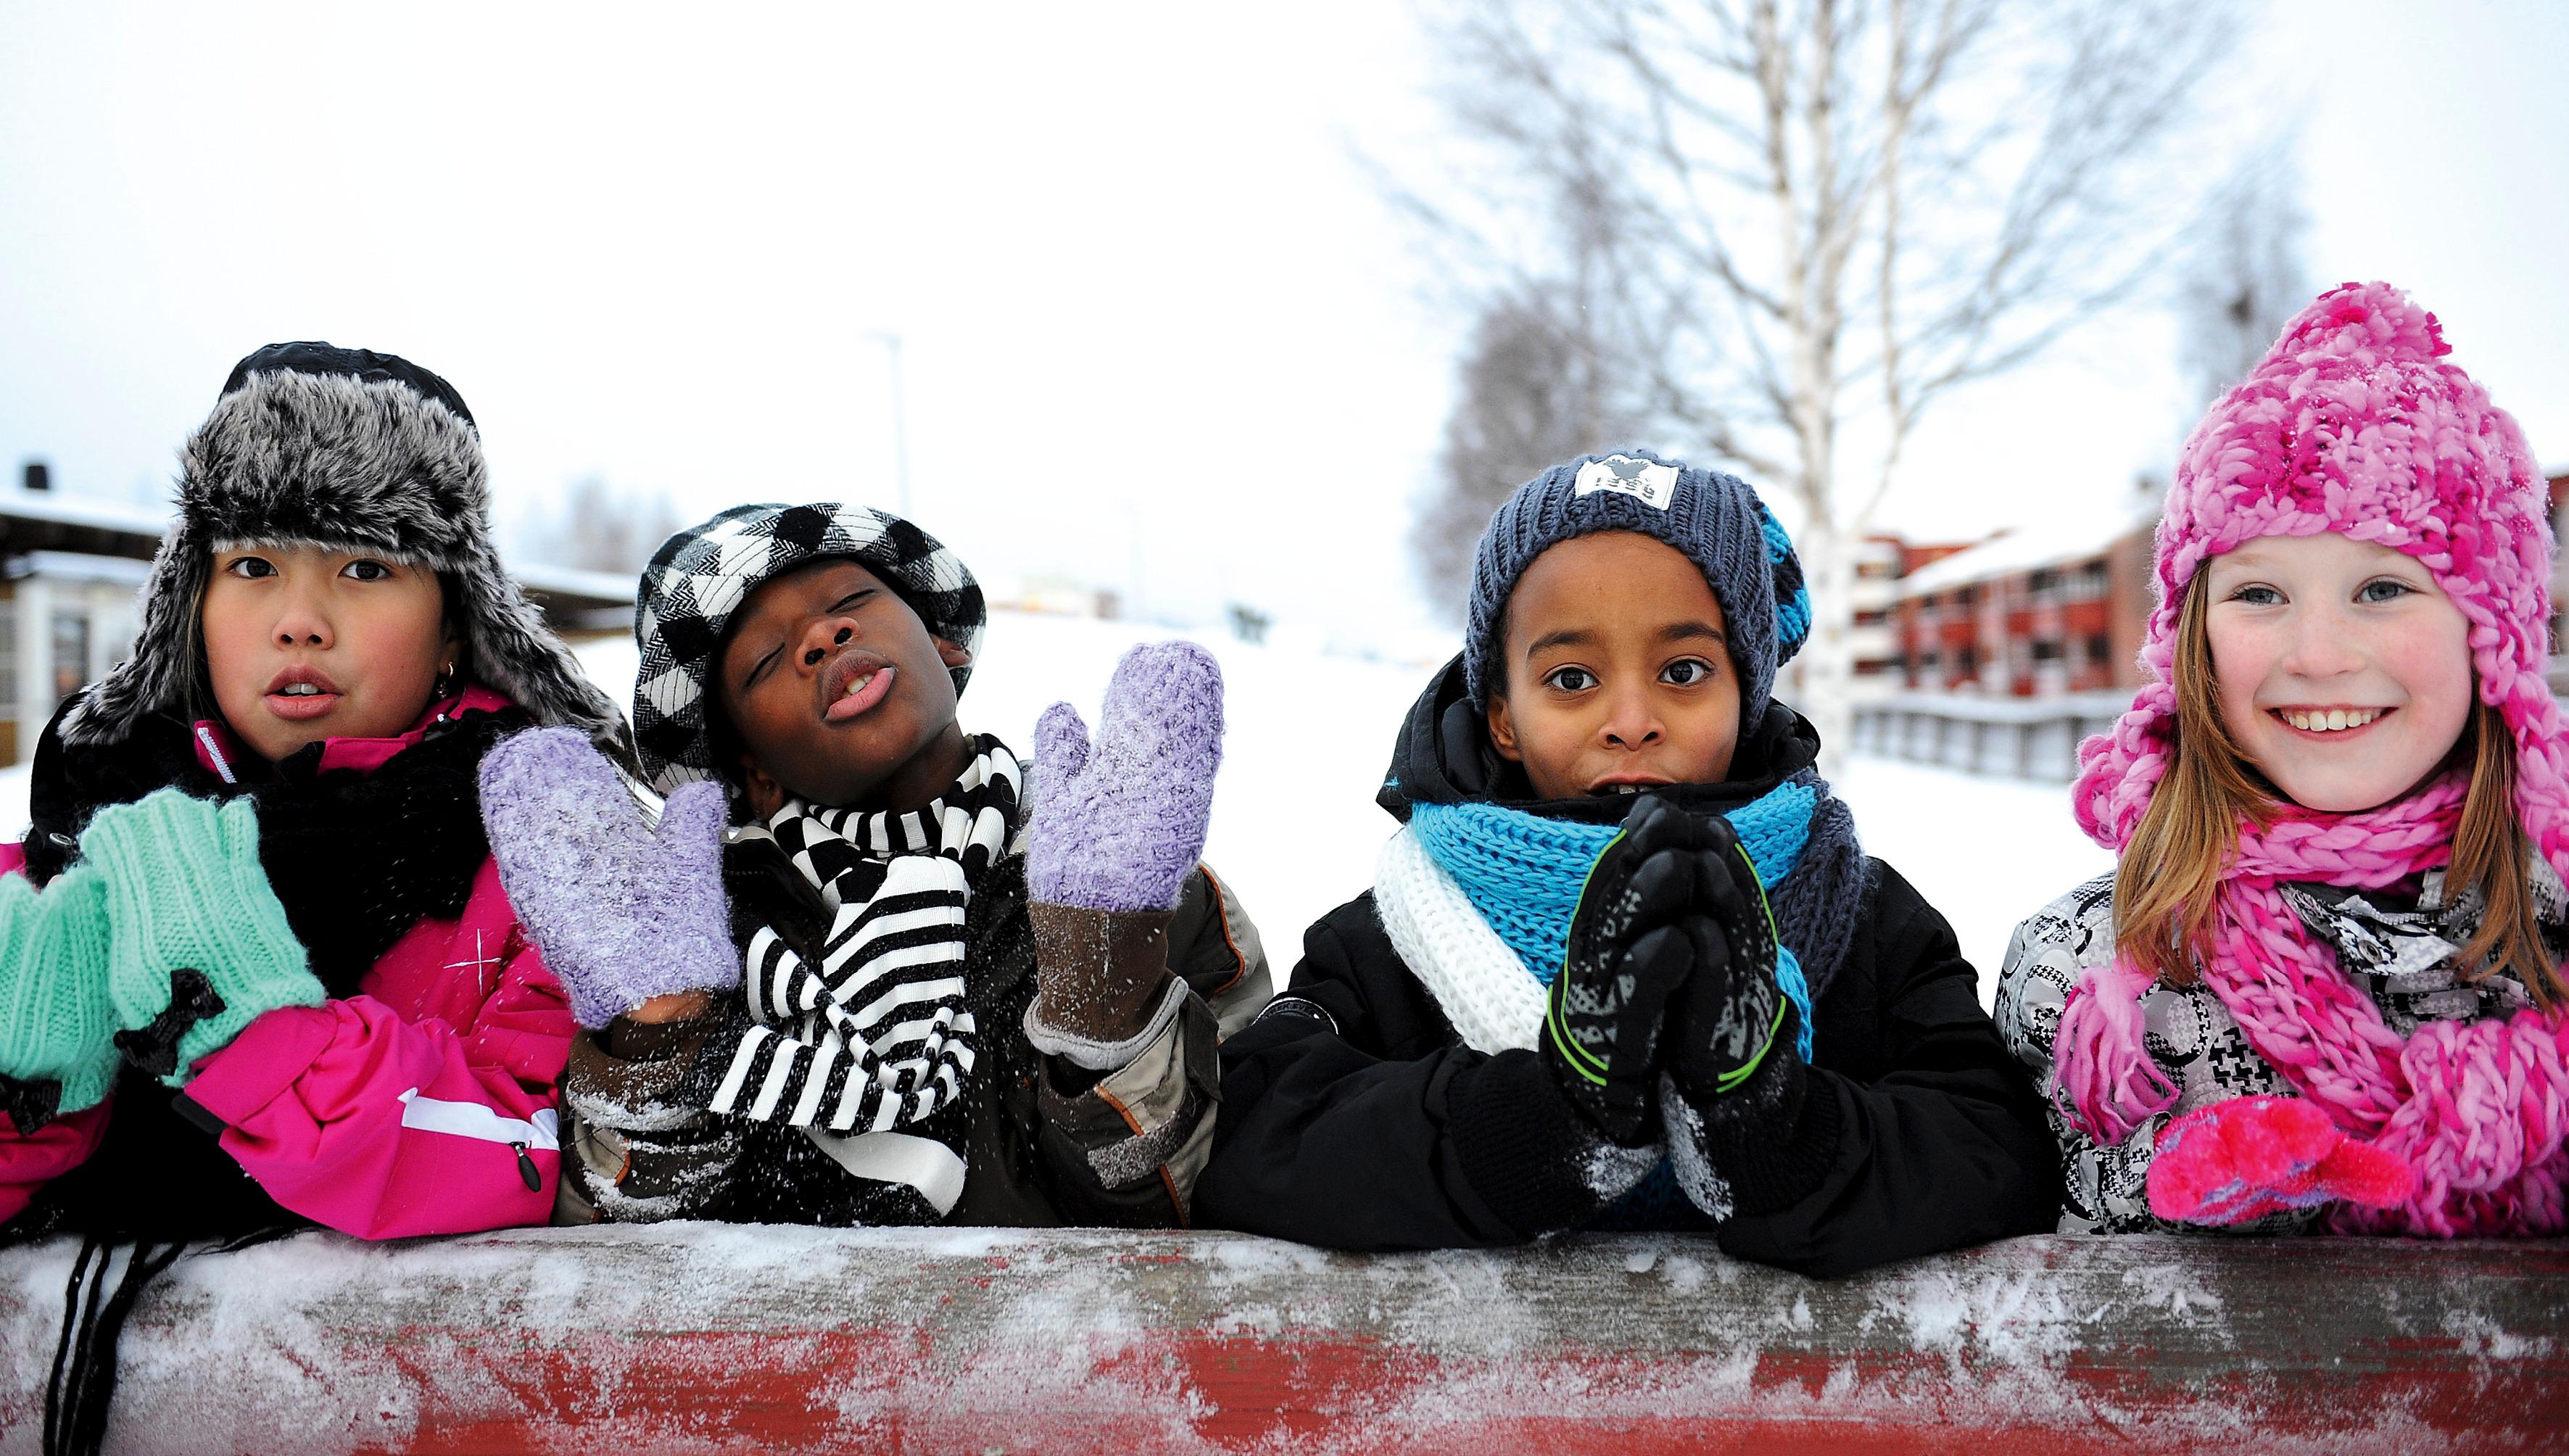 Vinterbild utomhus på fyra barn med mössor, vantar, halsdukar och varma jackor